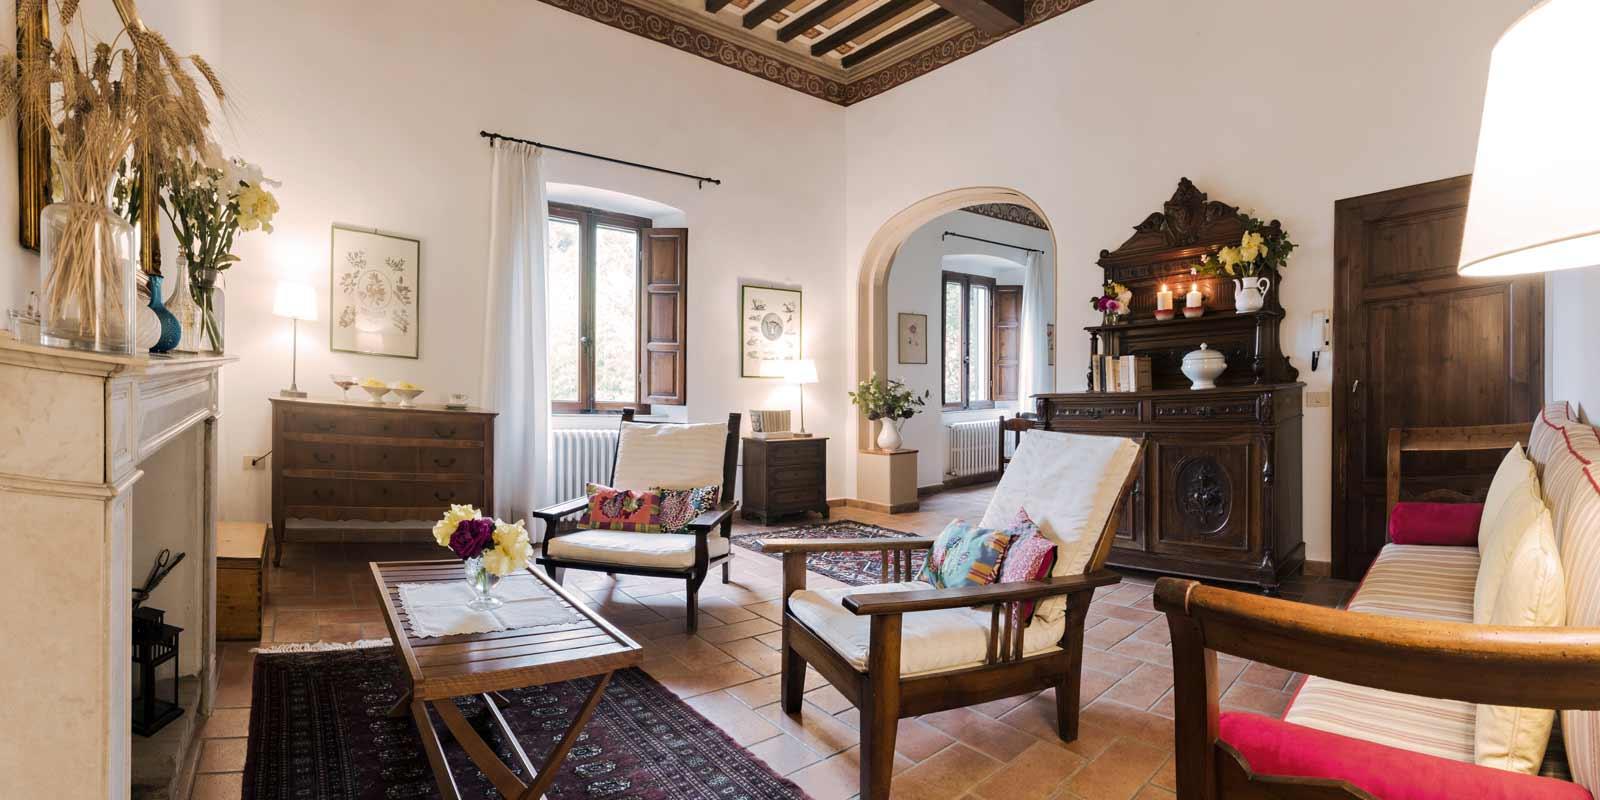 villa-santa-giulia-maremma-toscana-piombino-dimora-epoca-agriturismo-vacanze-soggiorno-prenotazione-parco-natura-verde-rose-giardino-41